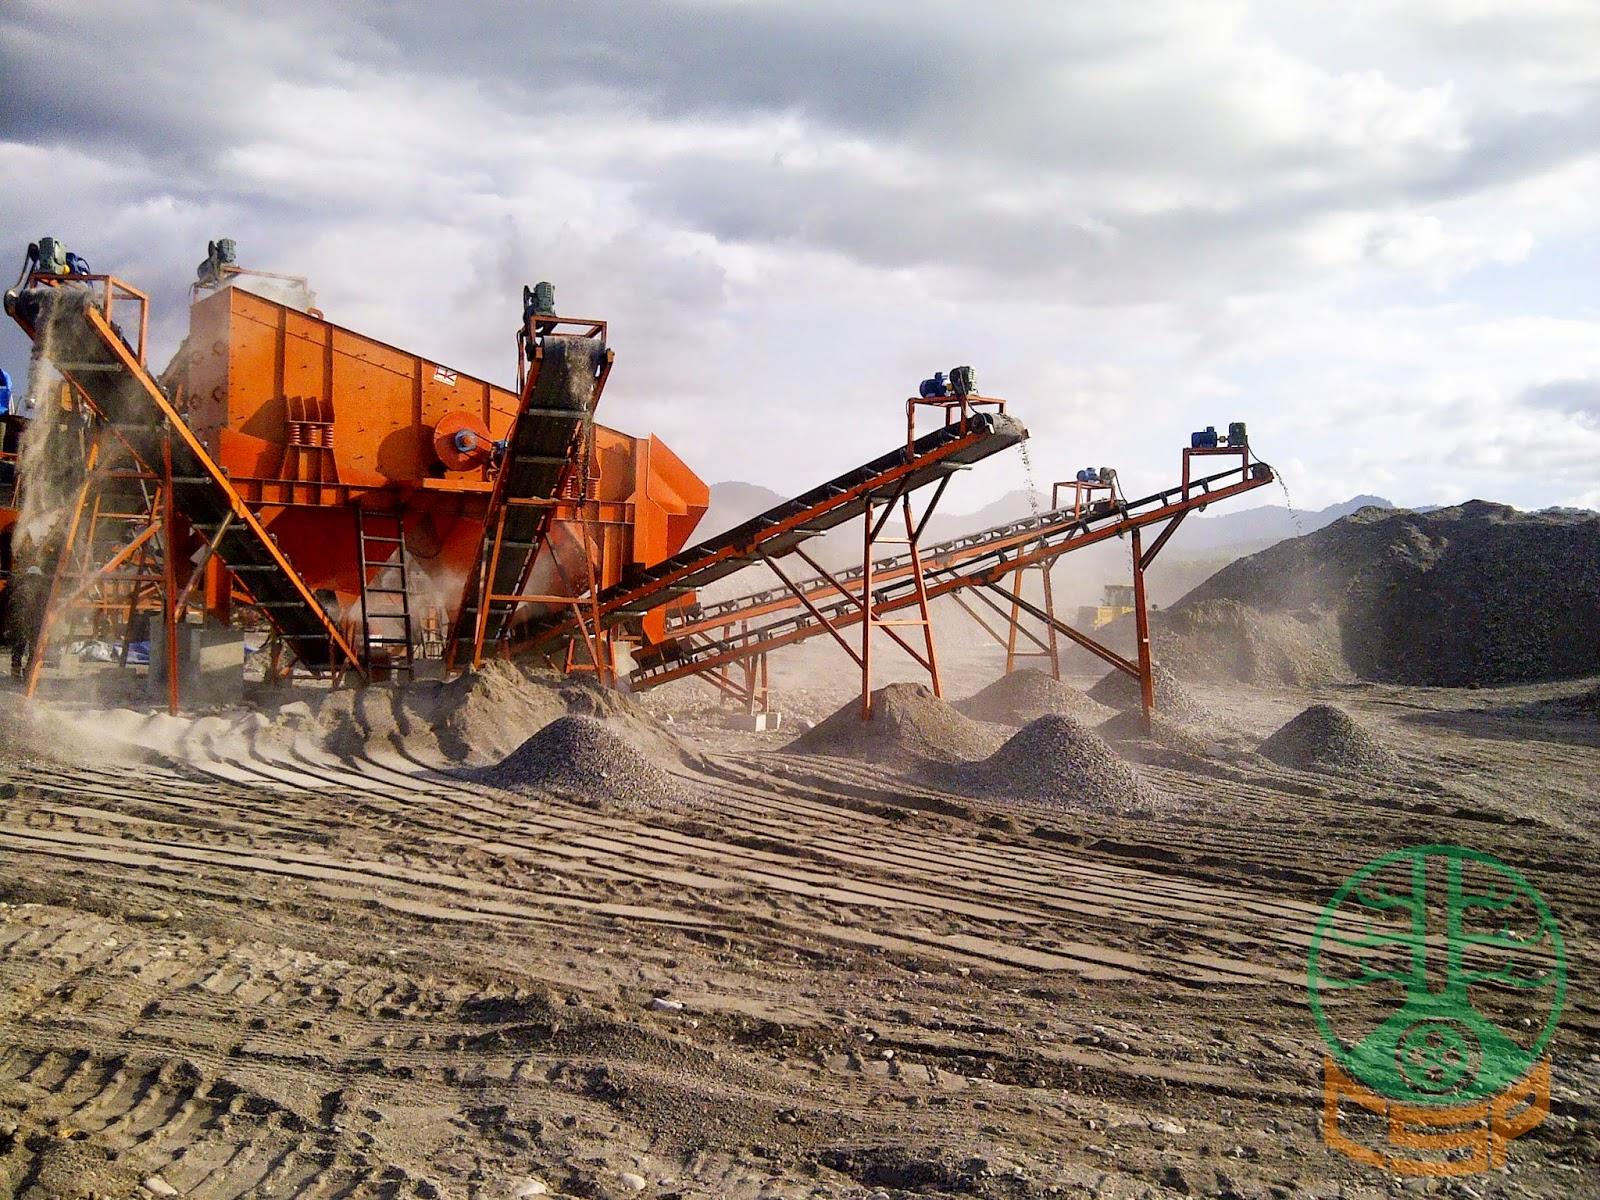 Project CSP Stone Crushing Plant 100-120 Tph PT Hutama Karya Wilayah 7, Oe Cusse - Timor Leste (07)